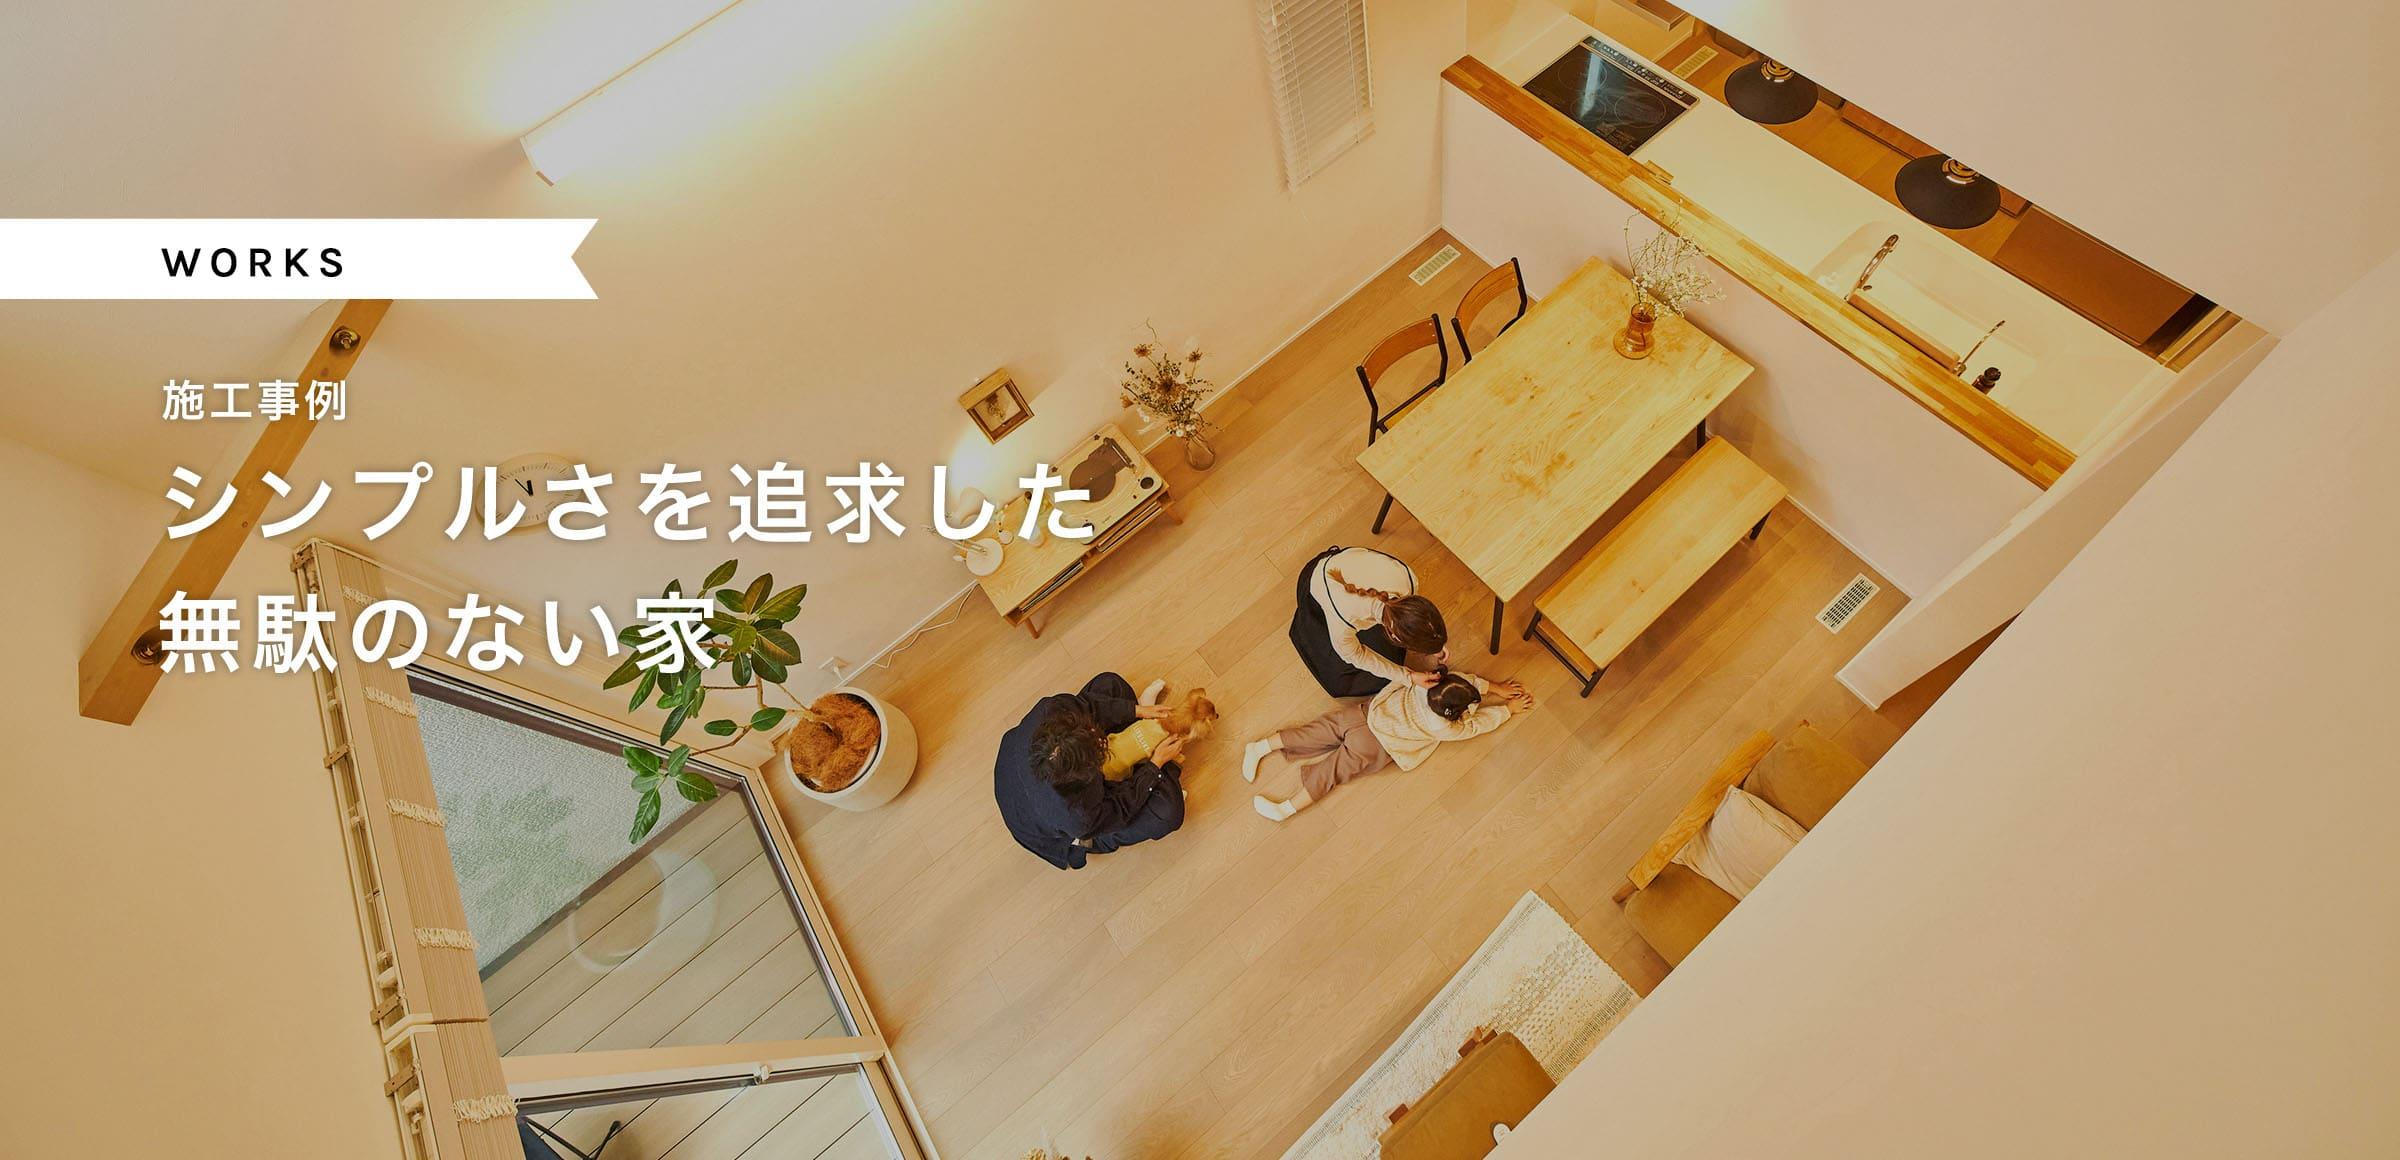 施工事例 シンプルさを追求した無駄のない家